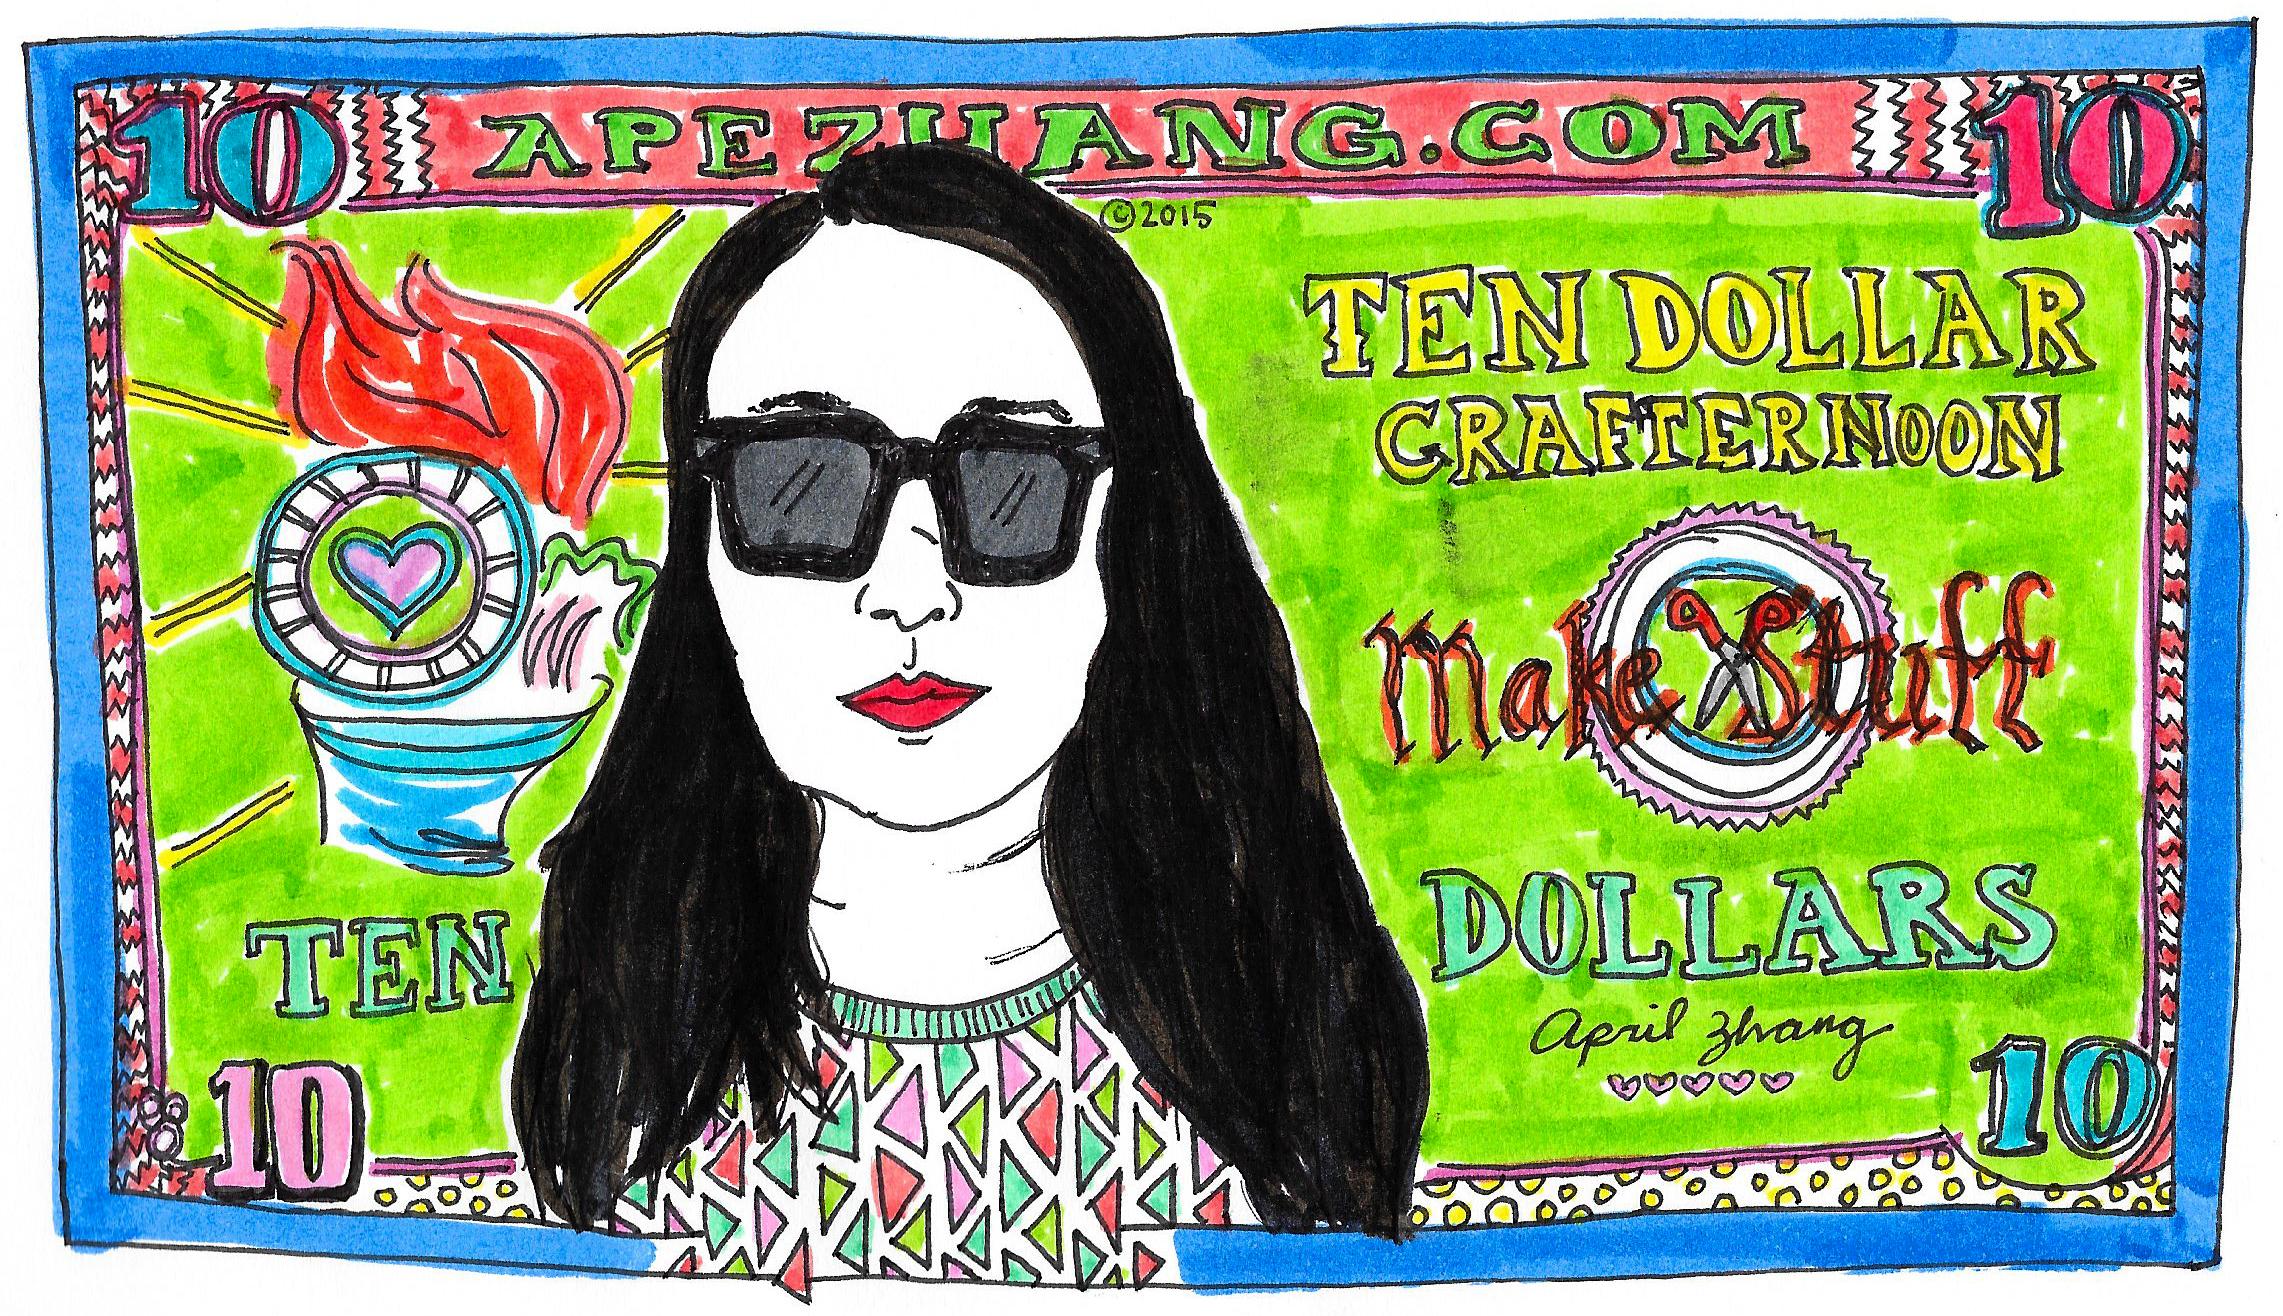 ten dollar crafternoon